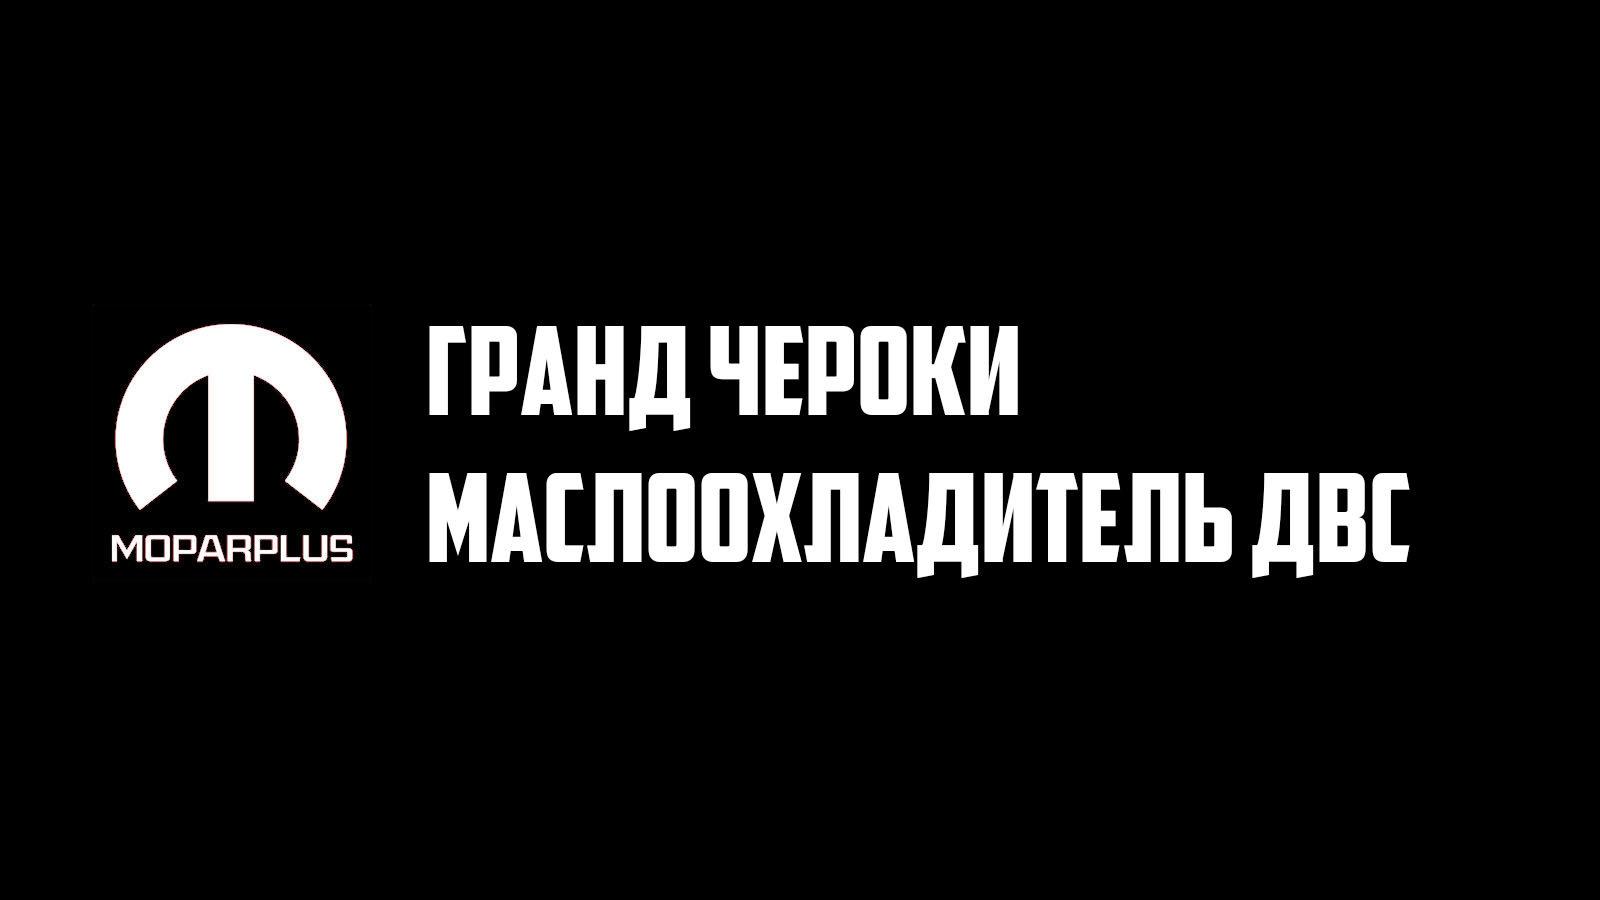 Маслоохладитель Гранд Чероки 3.6